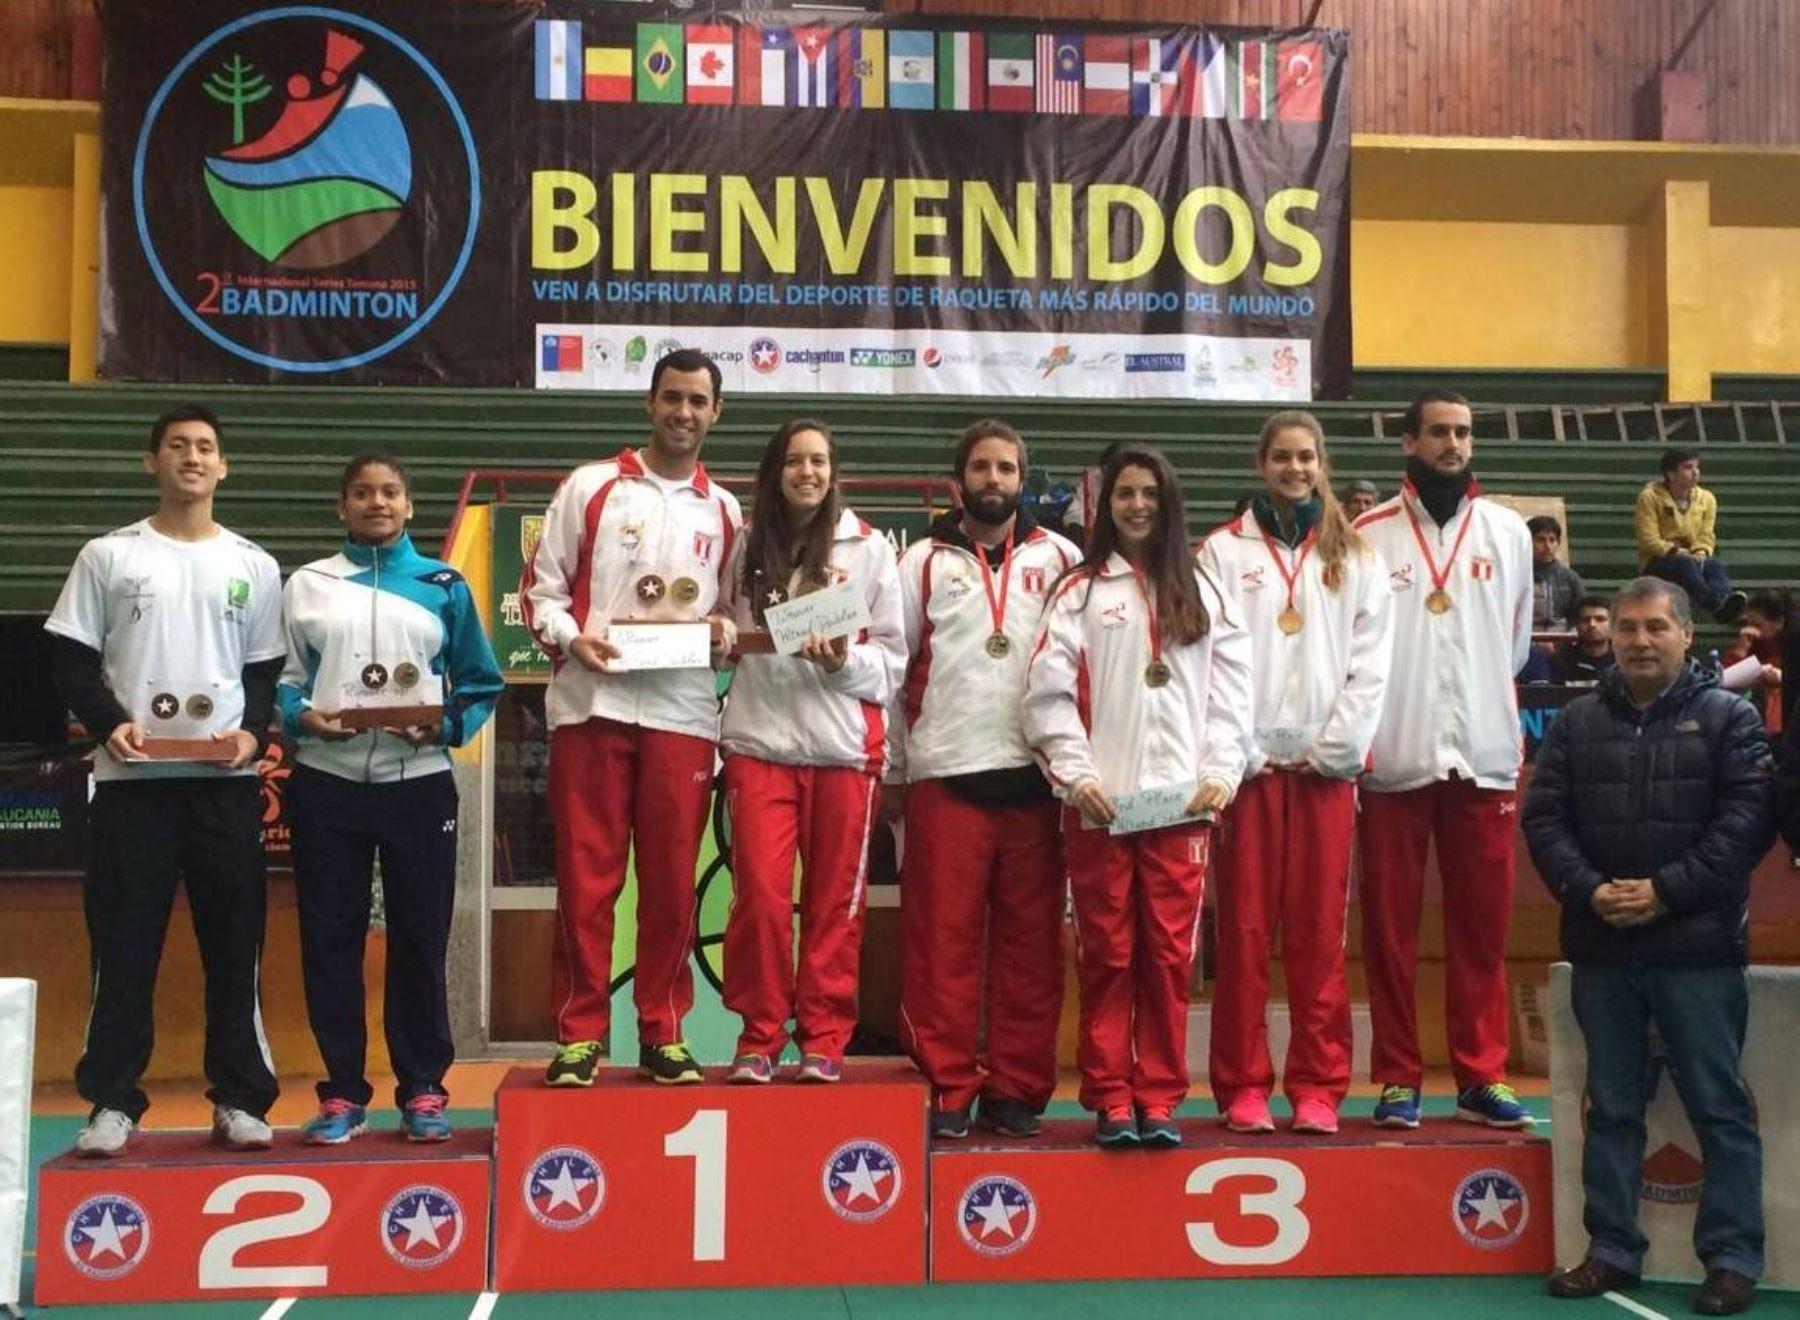 Bádminton peruano conquistó cinco medallas en torneo en Chile